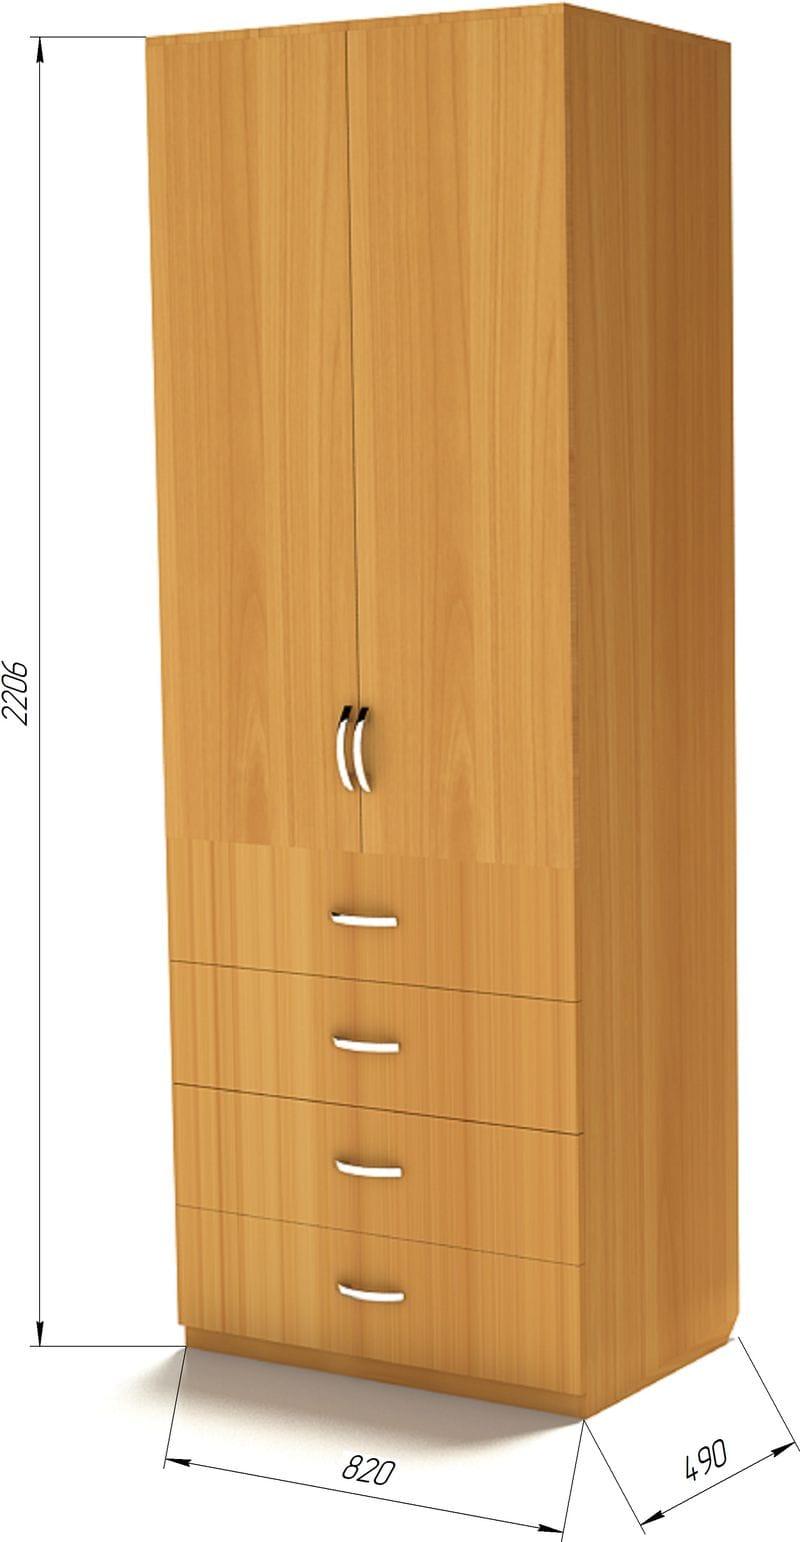 Недорогой шкаф для одежды Ш-3 (820)